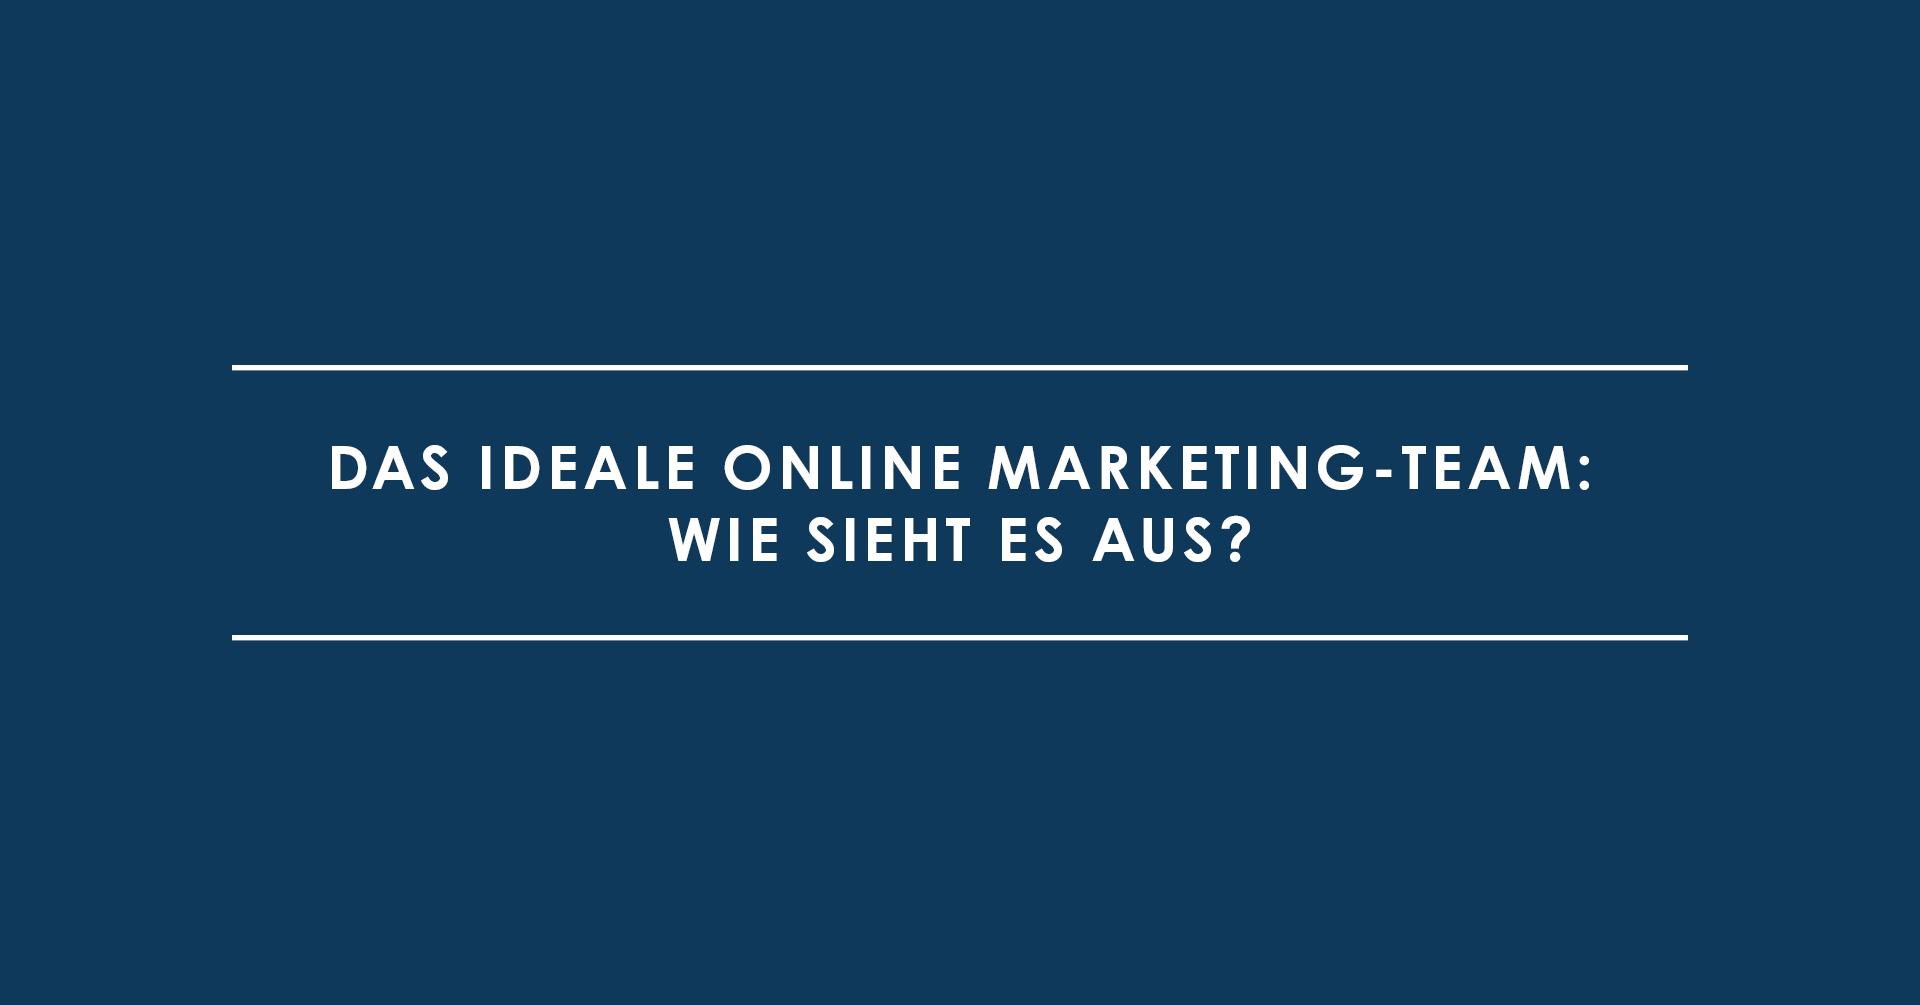 Das ideale Online Marketing-Team: Wie sieht es aus?